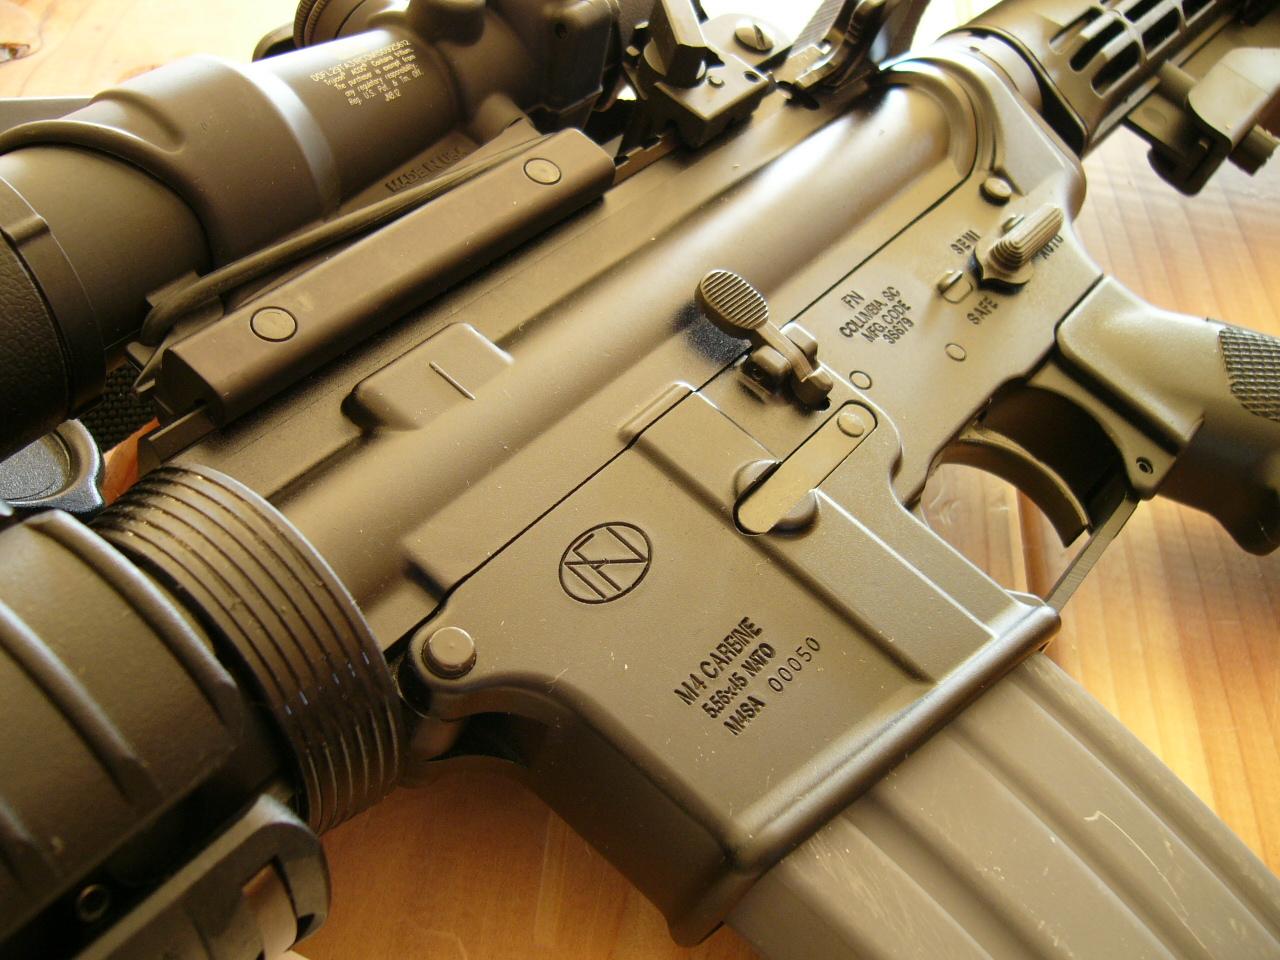 Us Army Issue M4 Deployment Pkg Civvie Legal Rocke Guns Airsoft Rifle Wiring Diagram